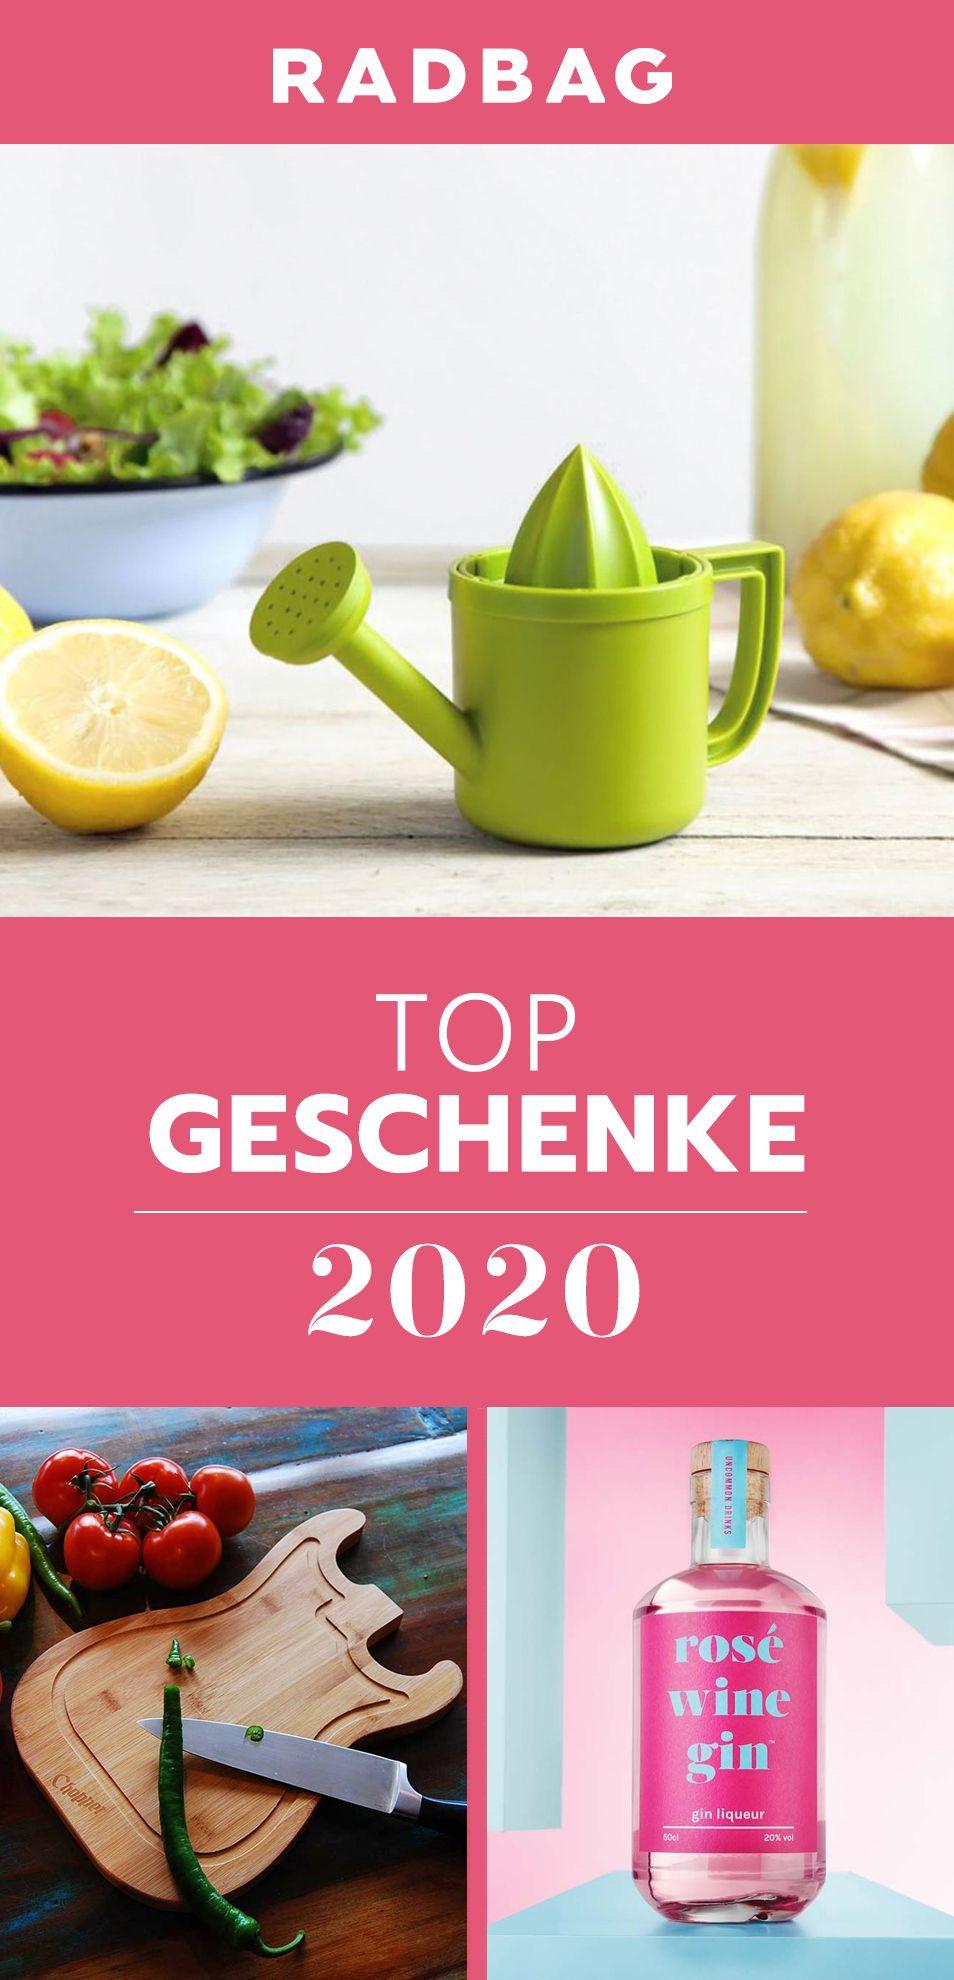 TOP Geschenkideen 2020: Mit diesen Geschenken Freude verschenken